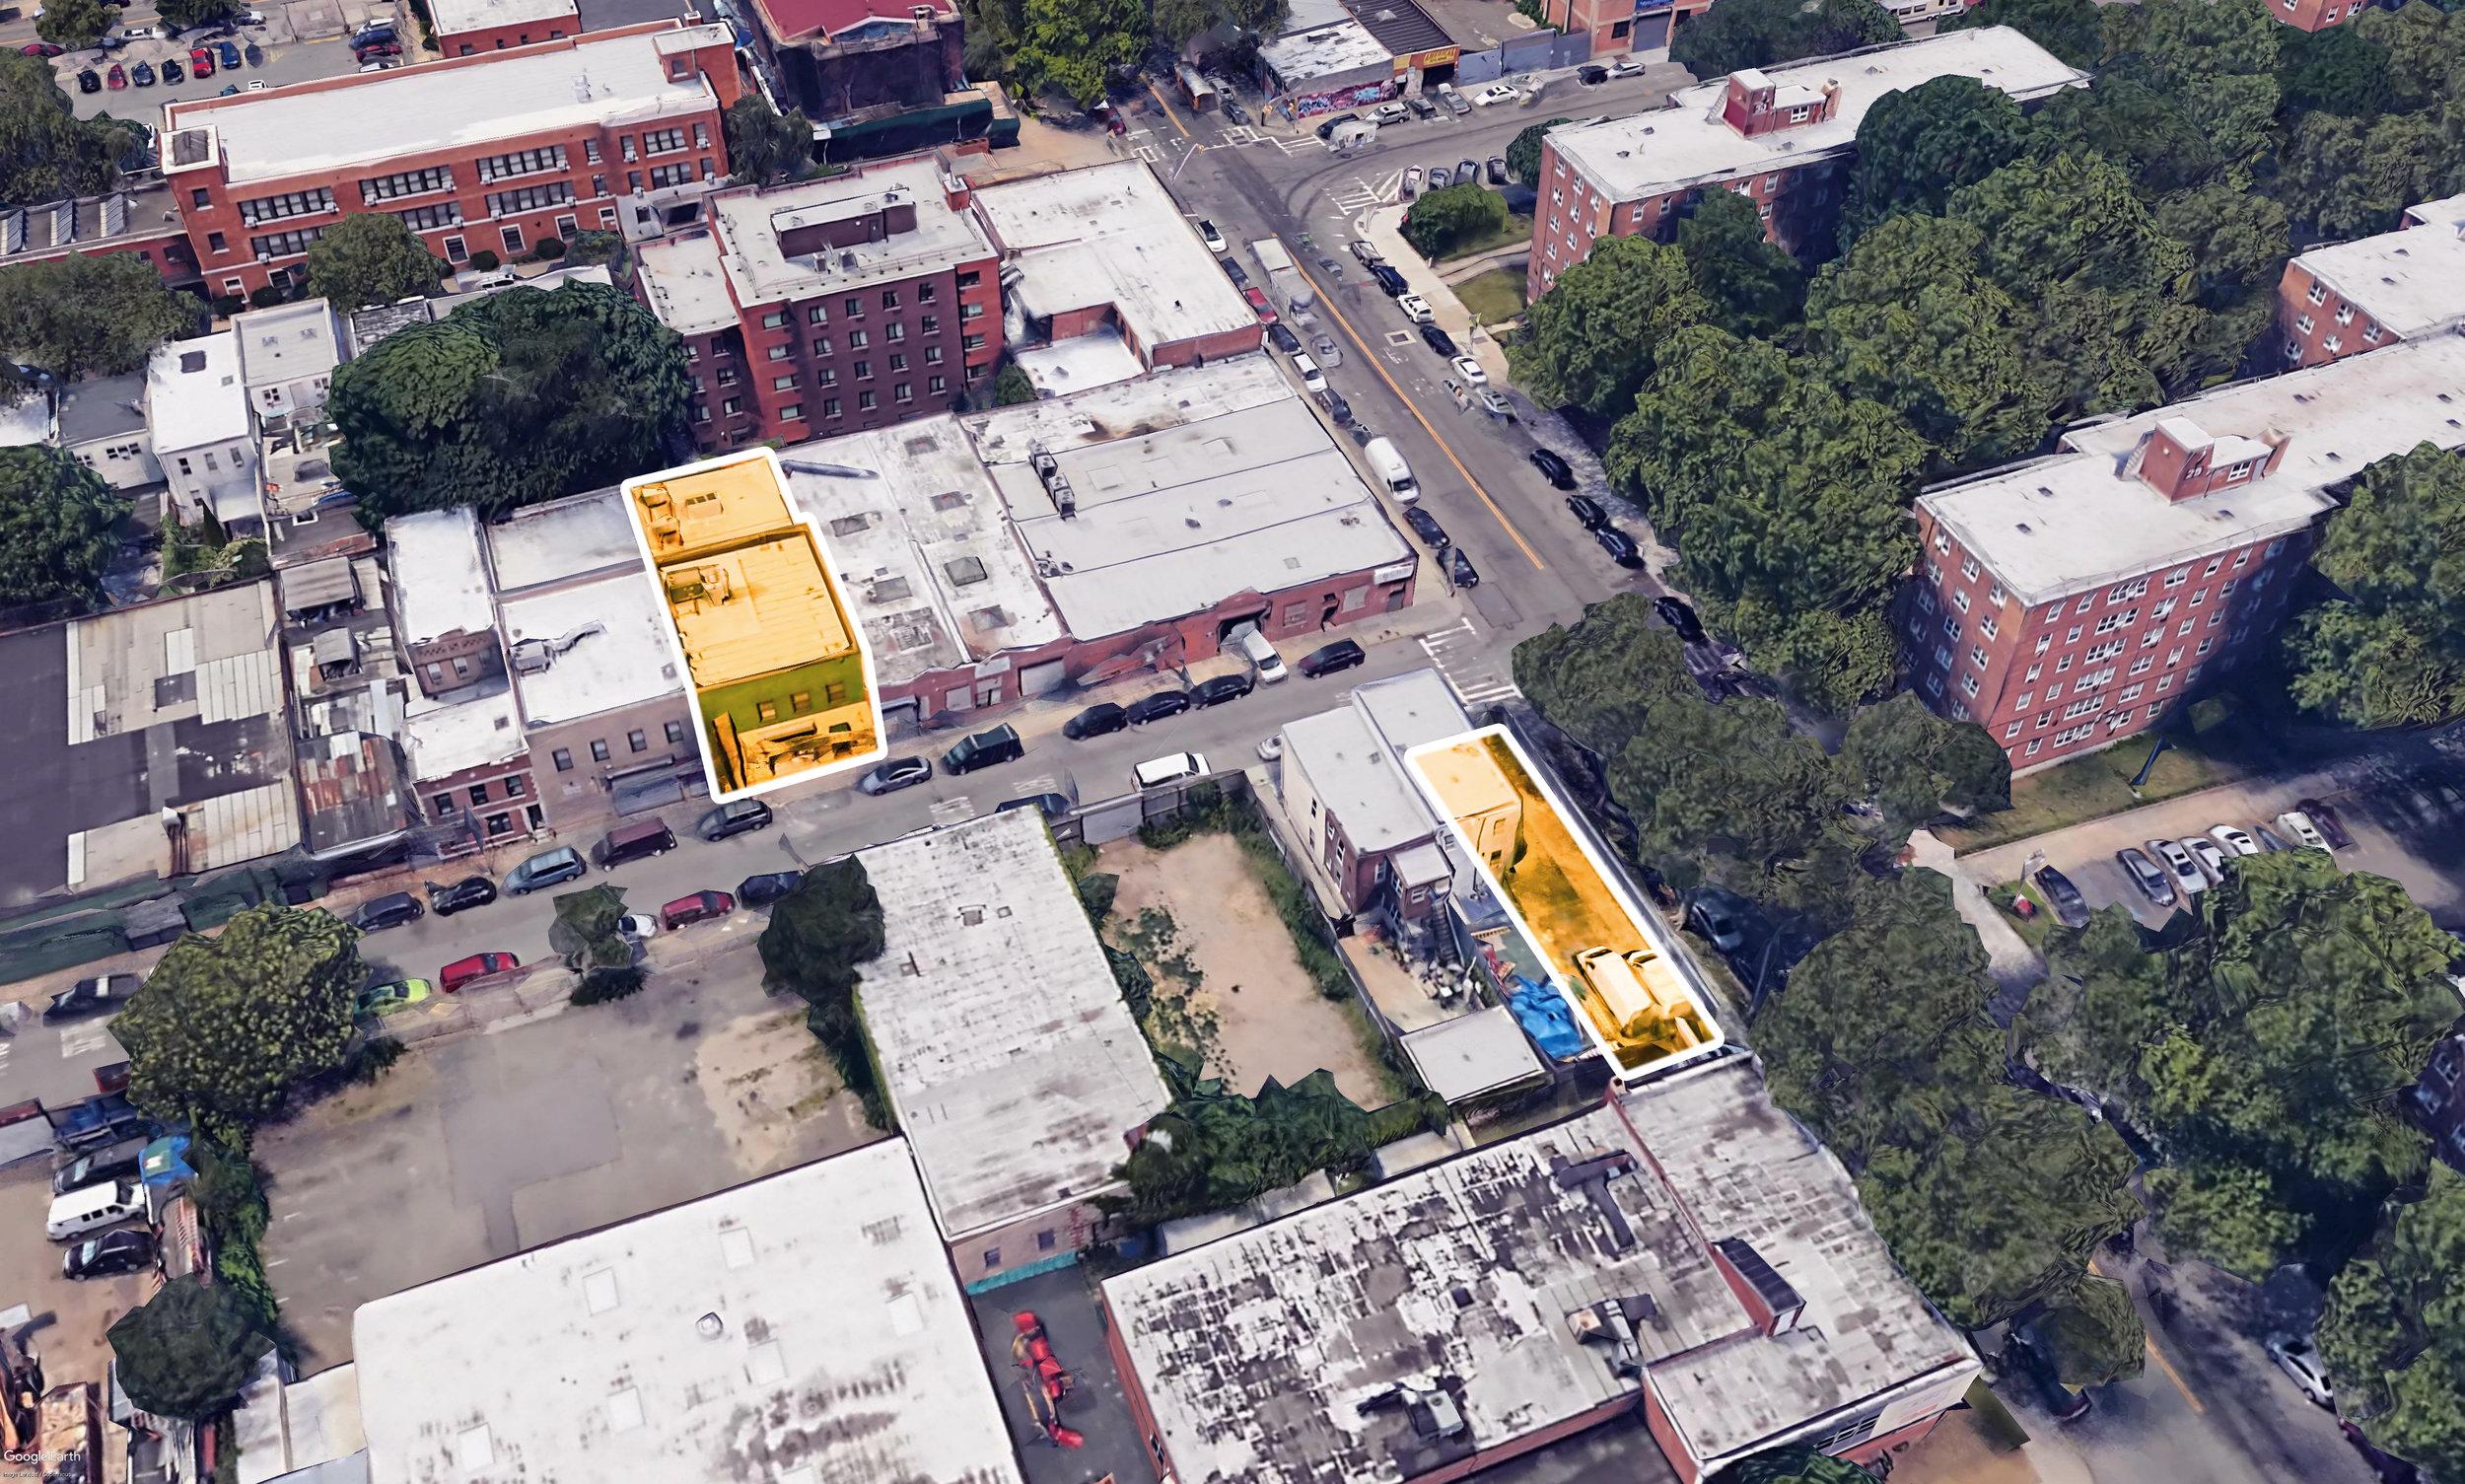 36-16 13th Street Aerial Highlight.jpg